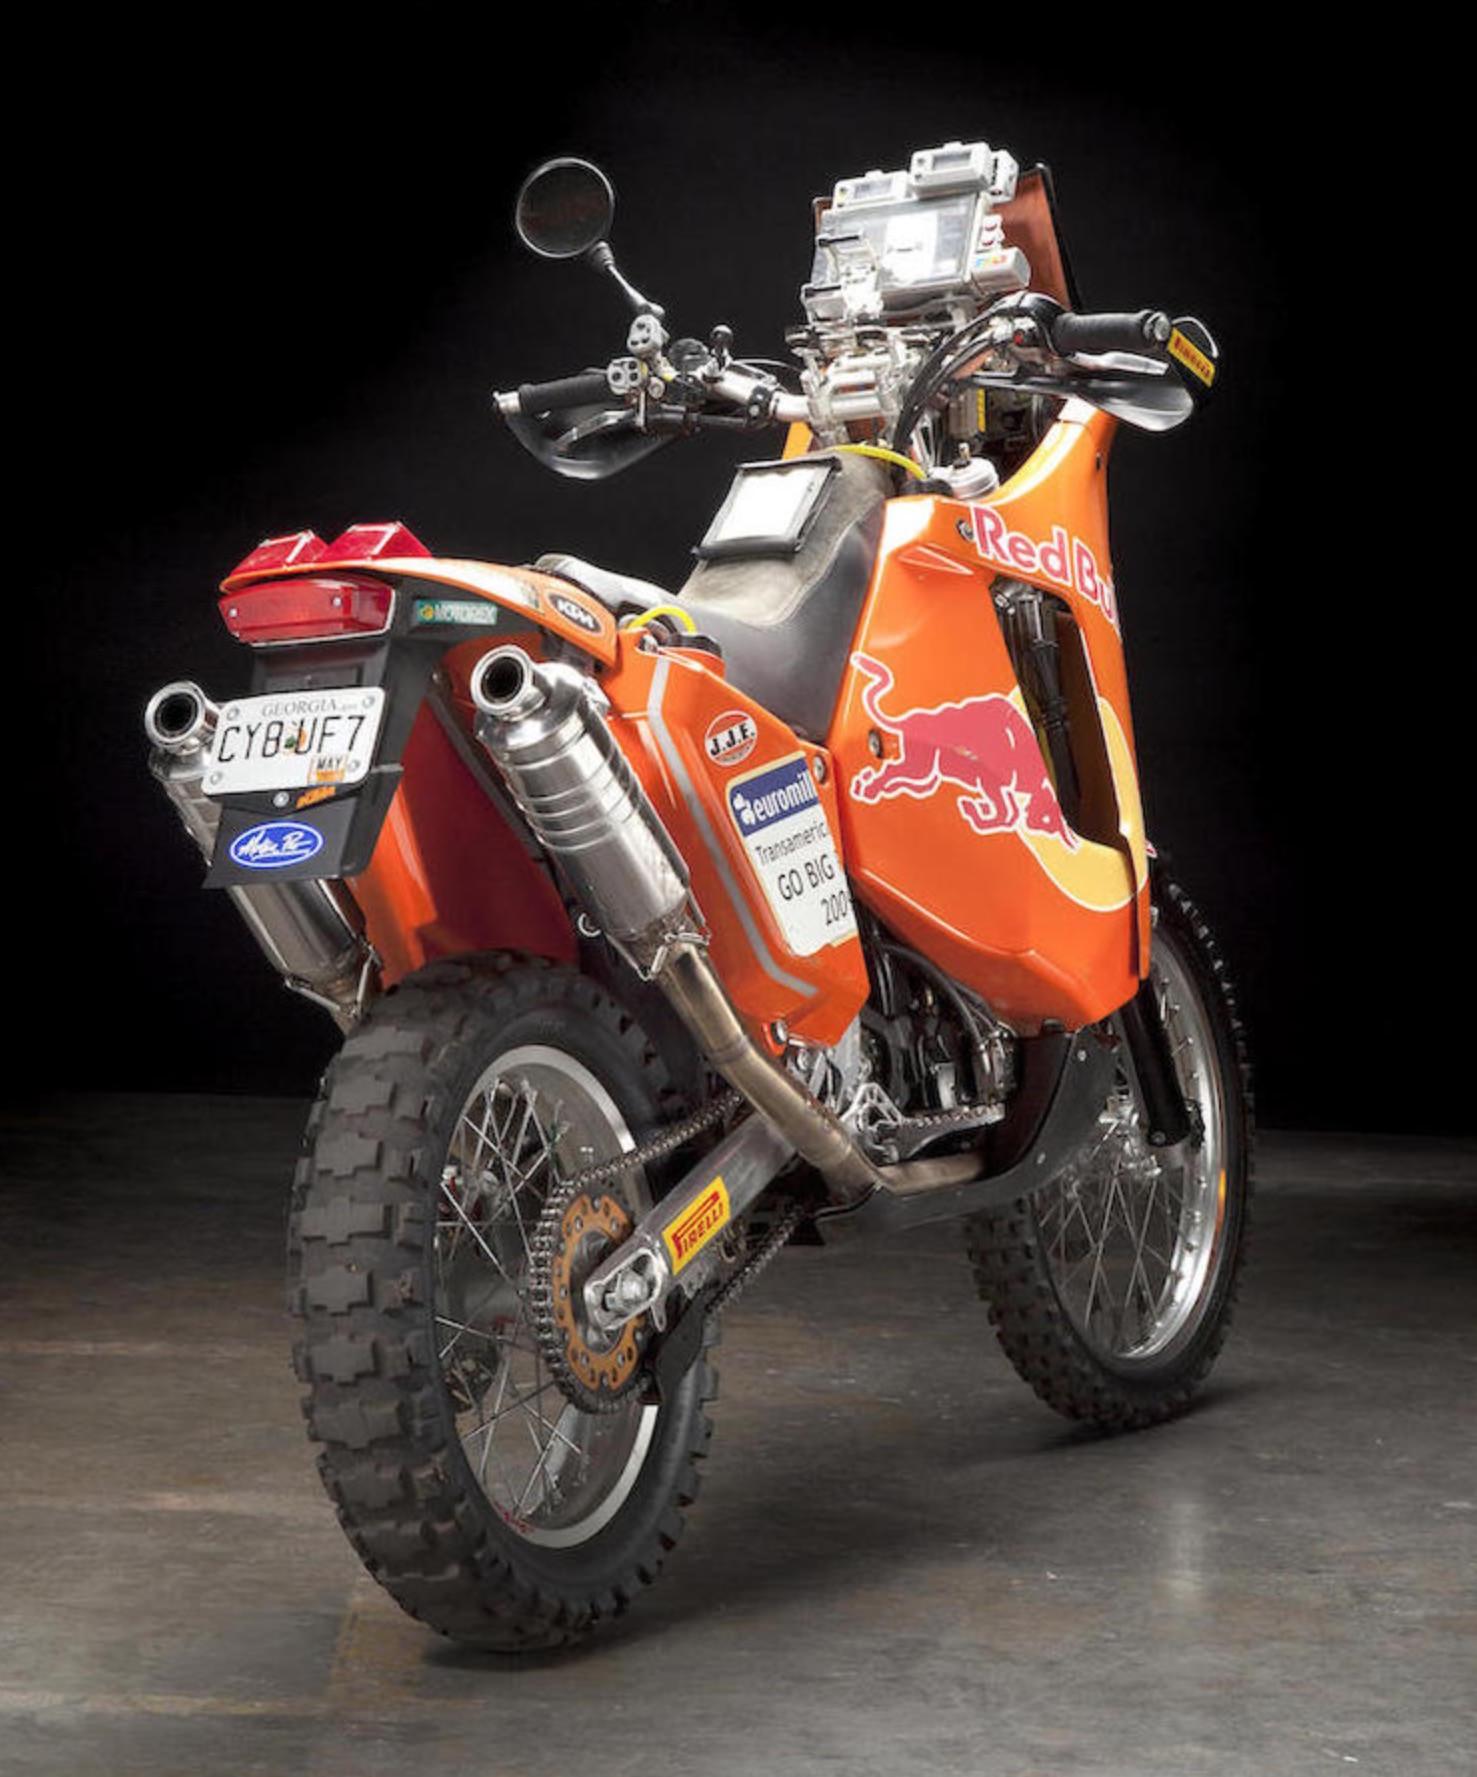 Ktm  Rallye For Sale